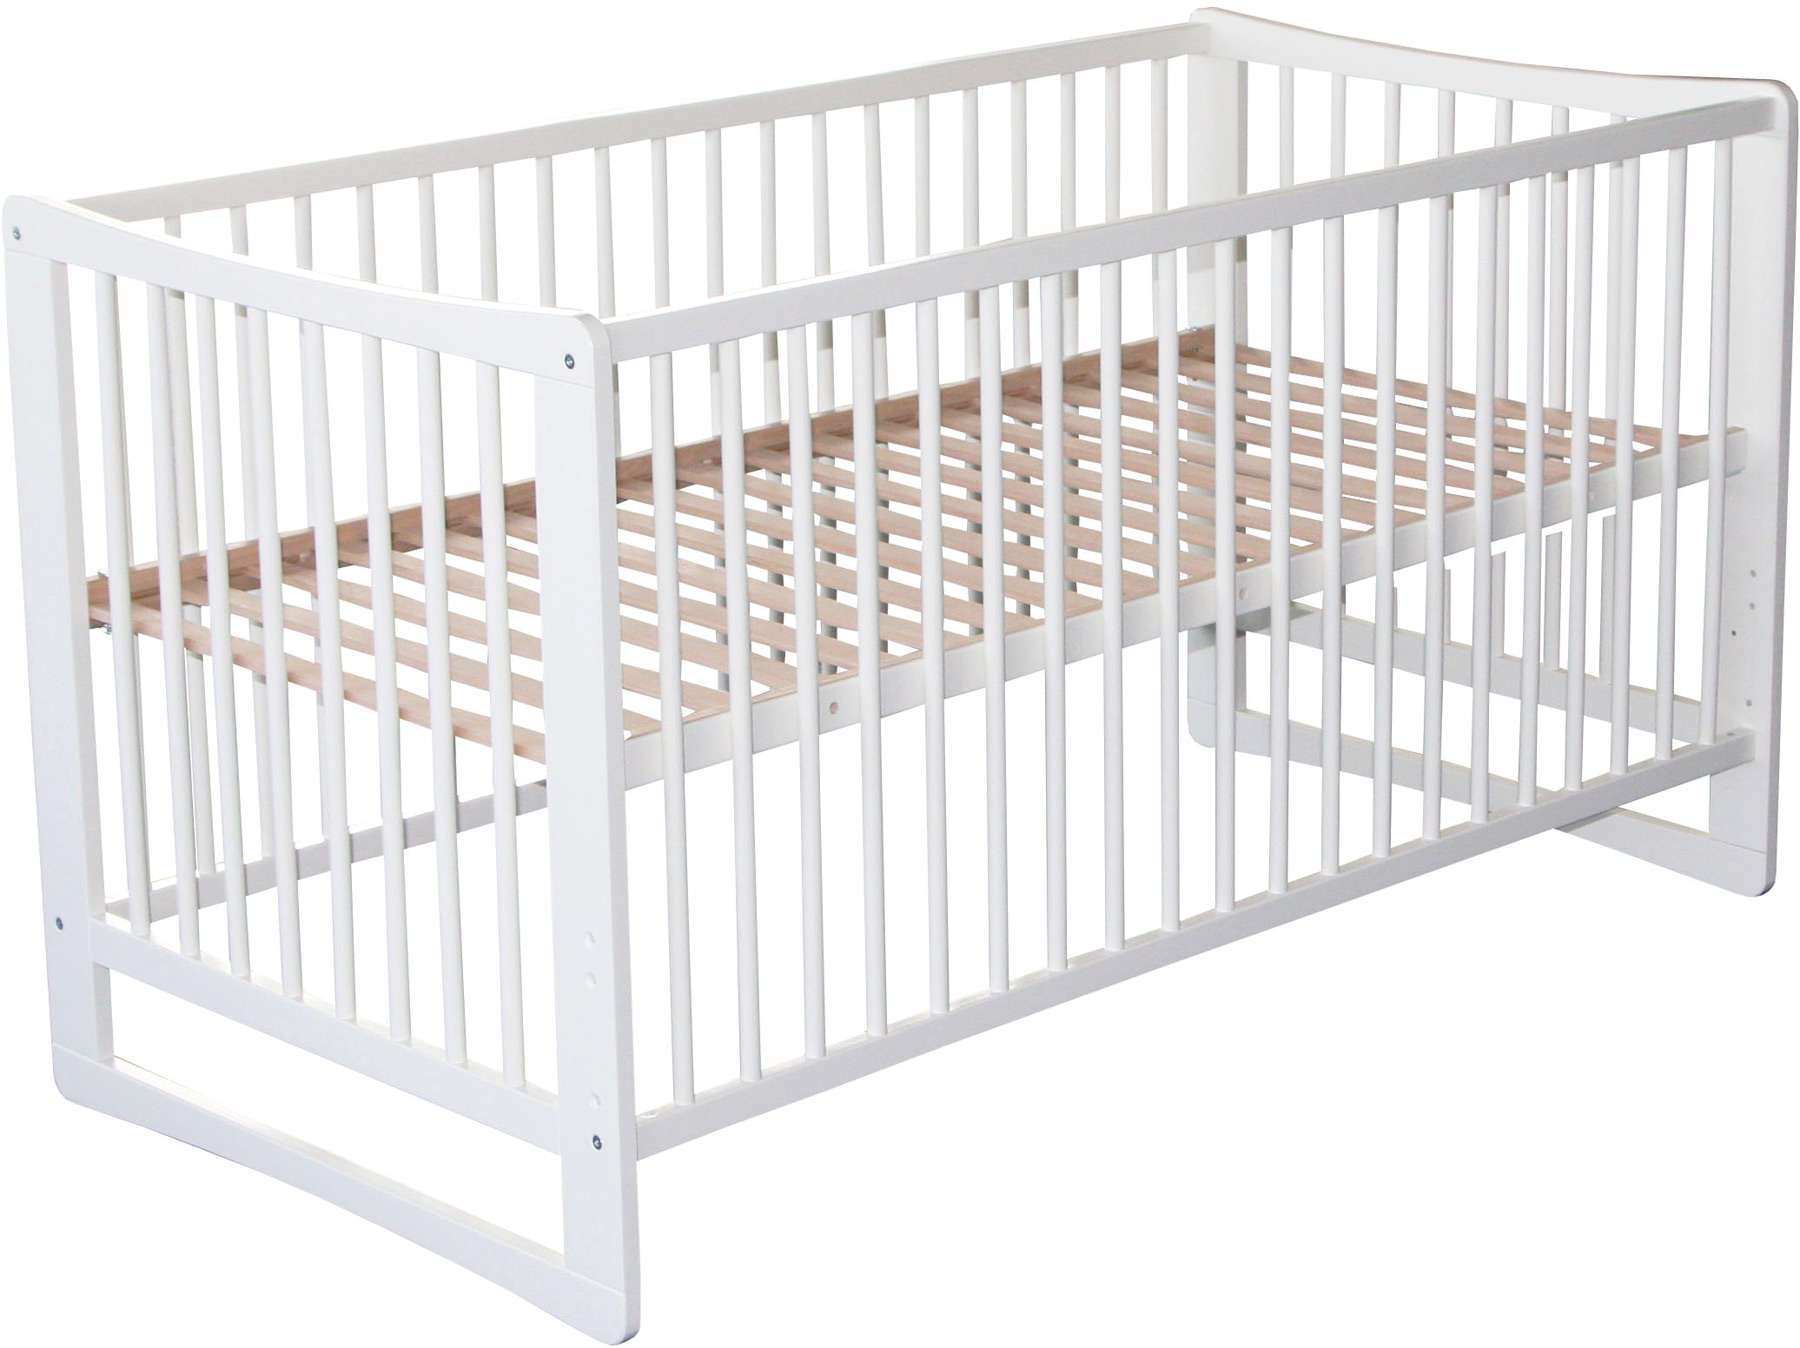 Lettino per bimbi nicoletta mobili per la camaretta - Accessori cameretta bambini ...